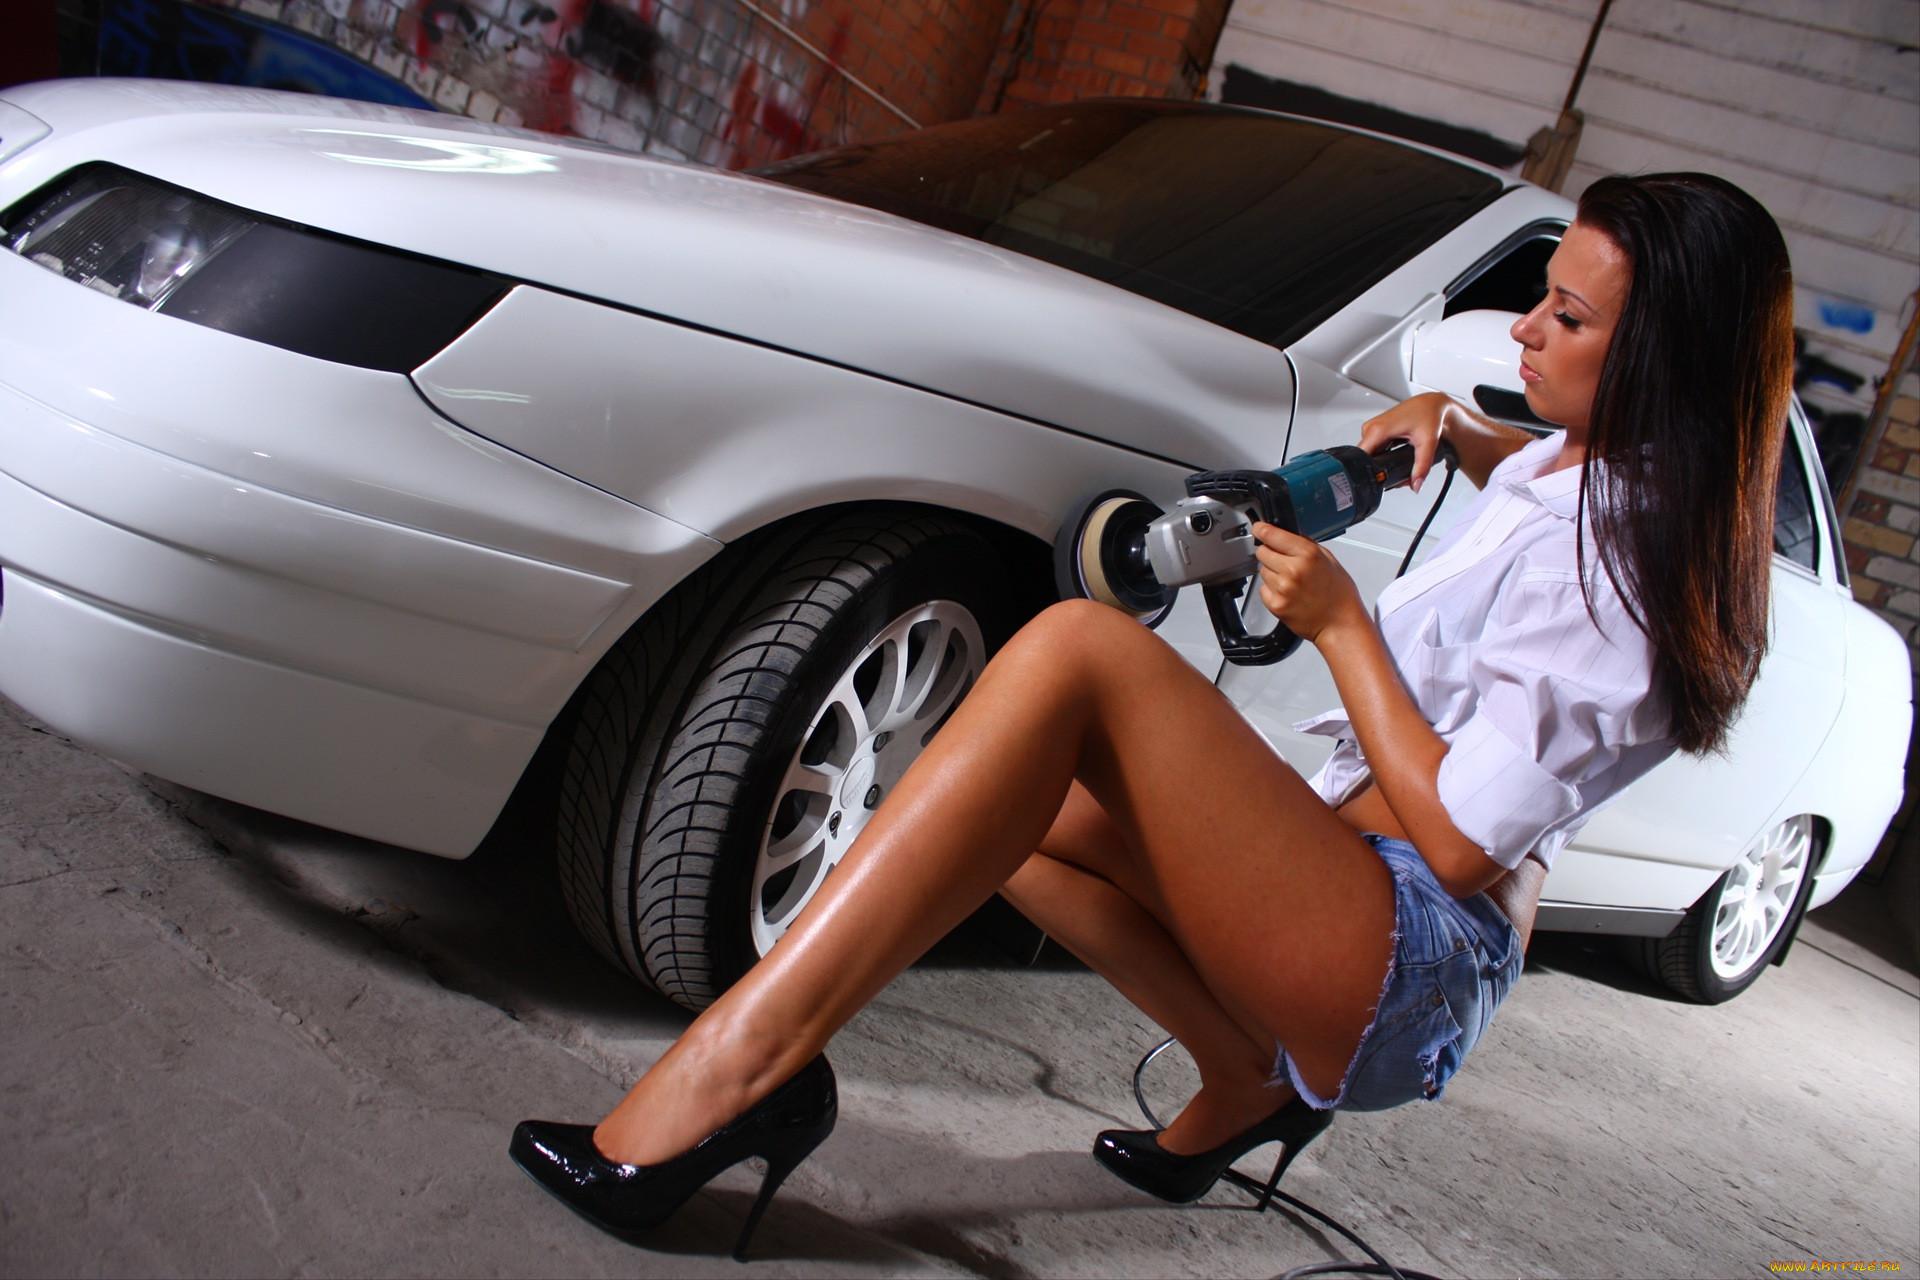 Девушки и ремонт машин фото